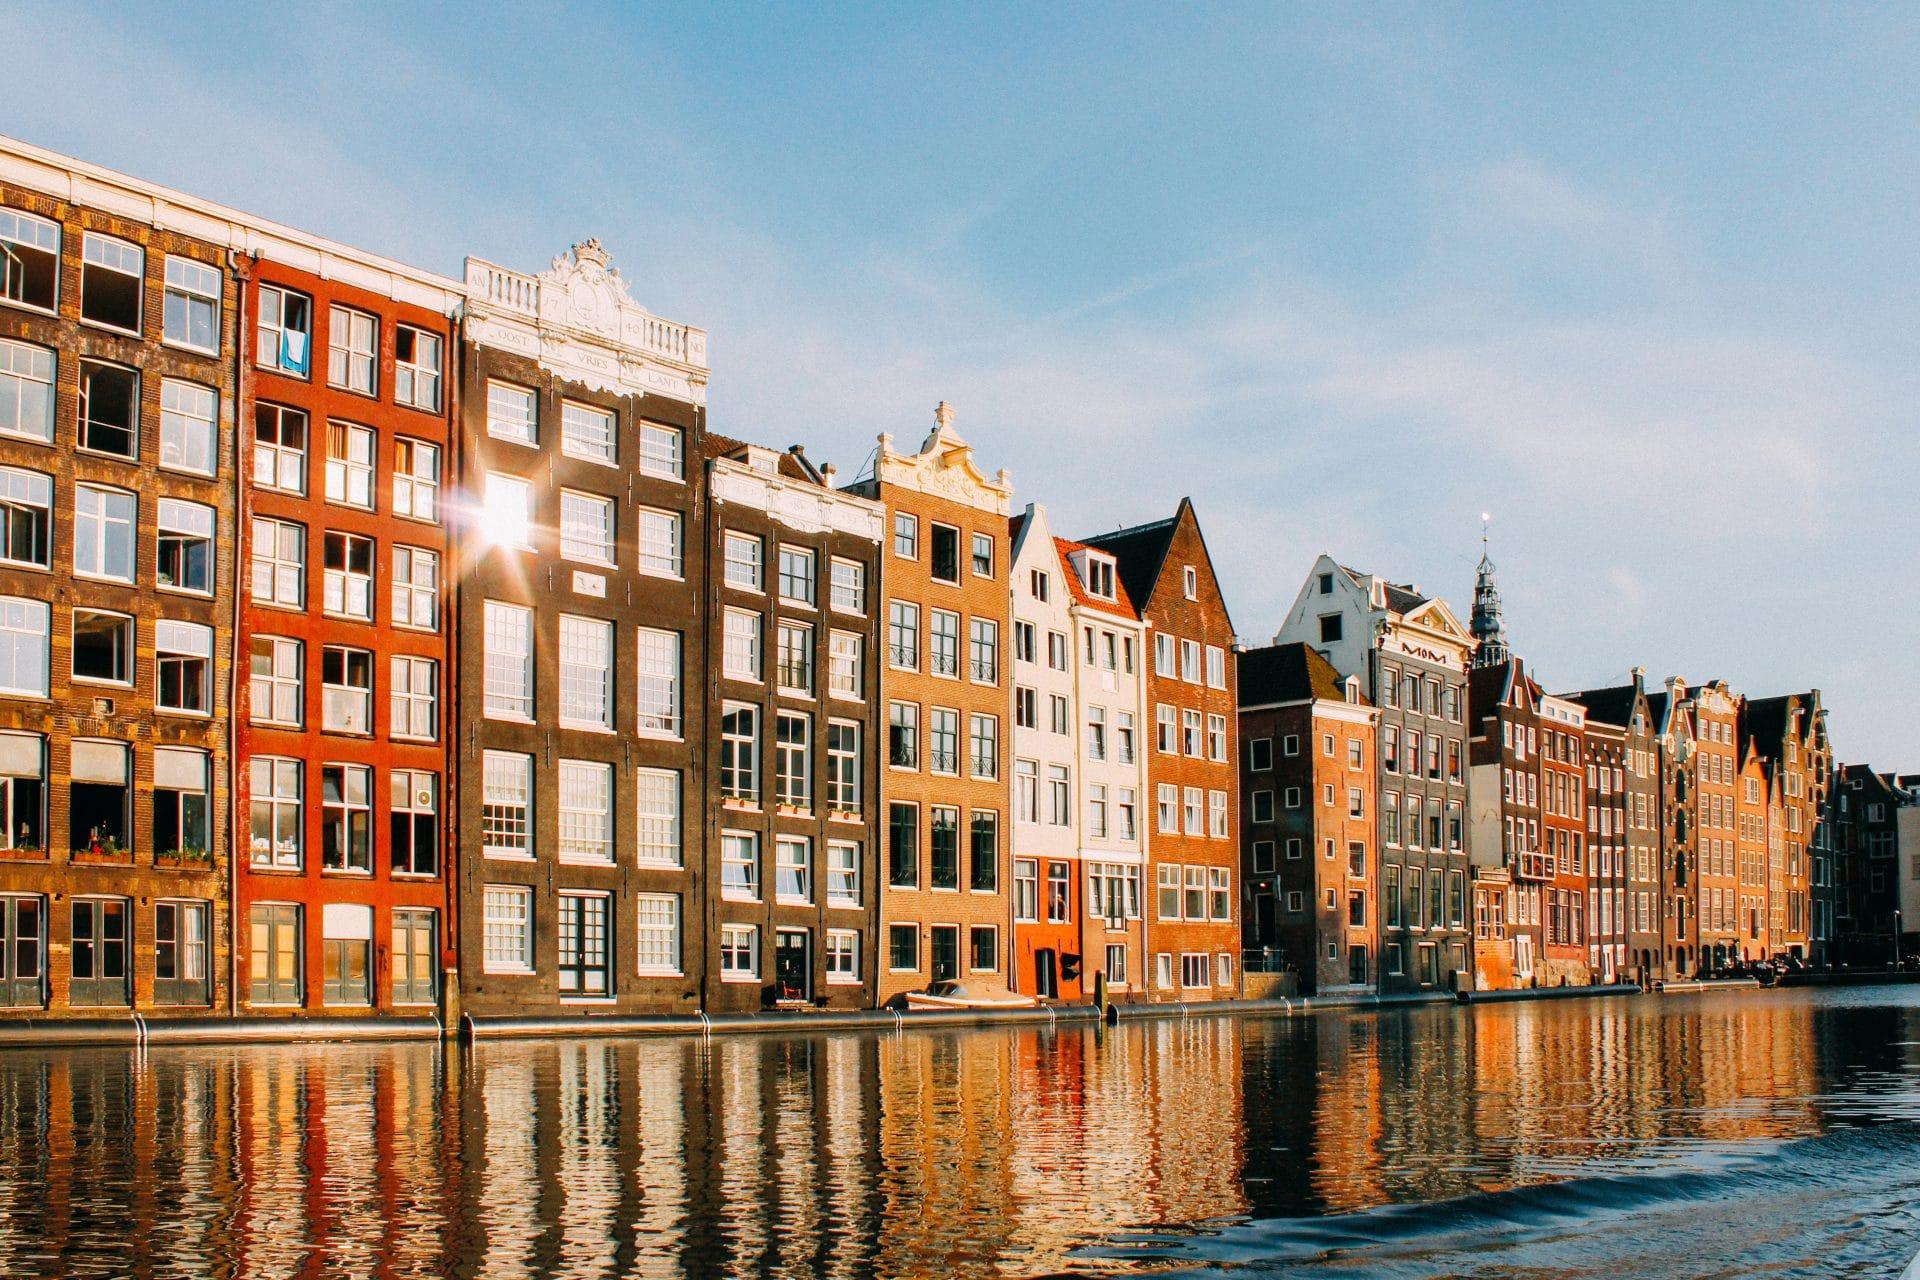 Niederlande-mit-strengen-Einreisebestimmungen